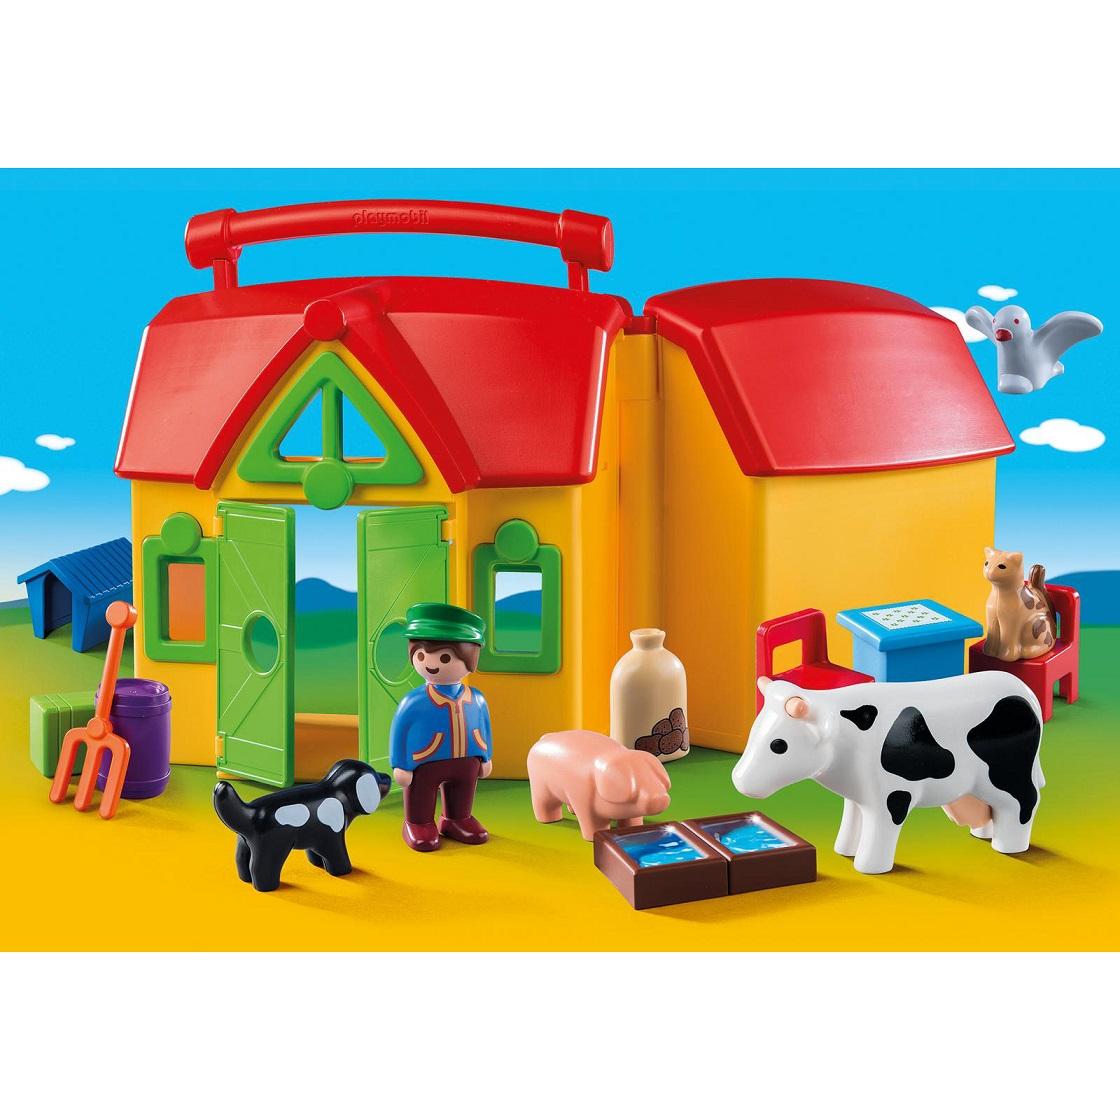 Игровой набор Ферма из серии Возьми с собой - Игровые наборы Зоопарк, Ферма, артикул: 175260